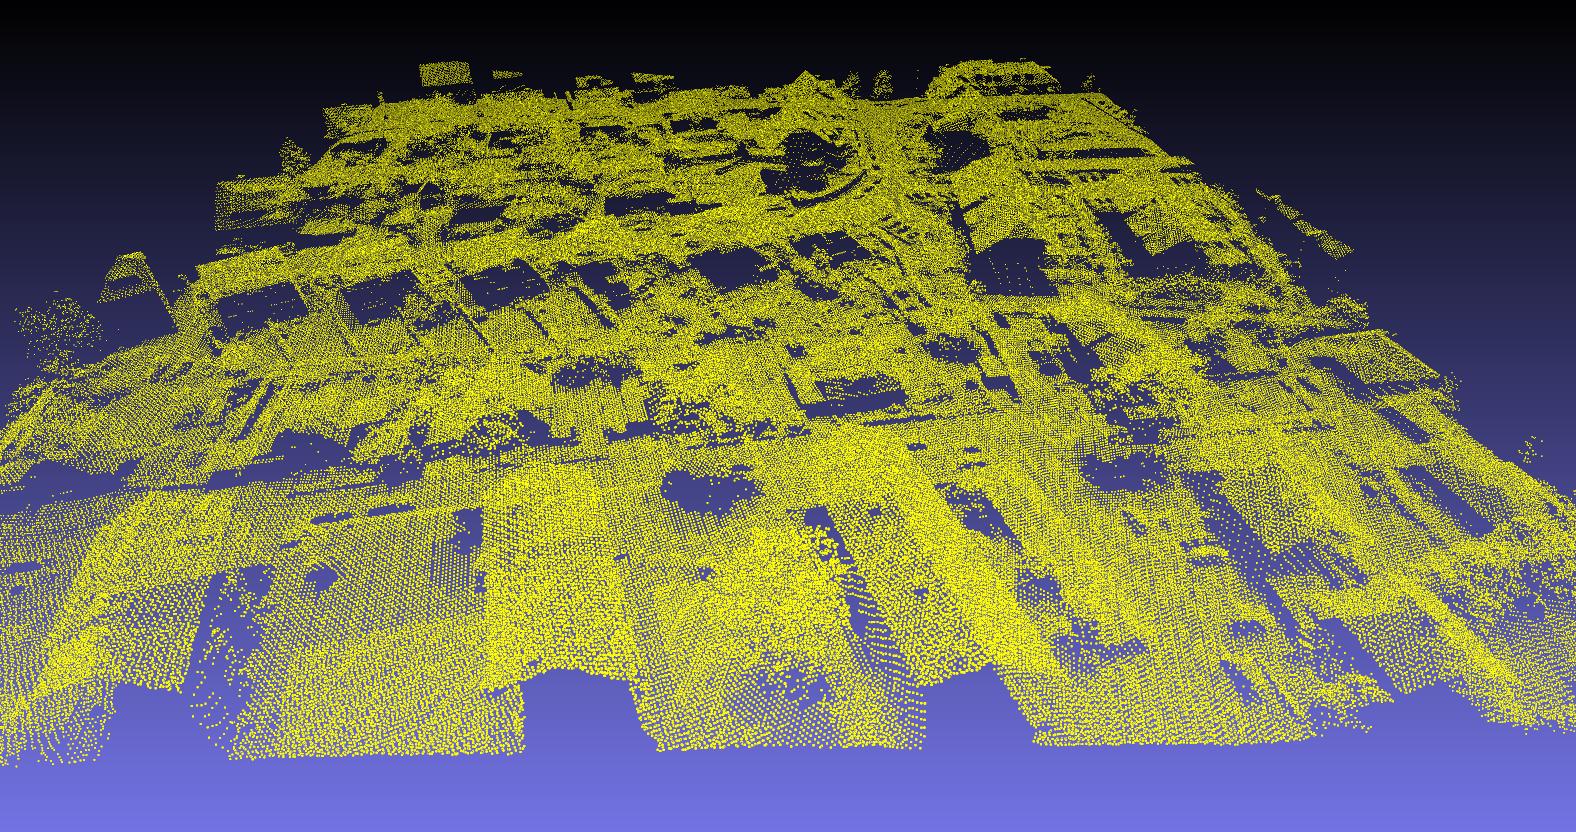 3D printed model of my neighborhood | Marian's Blog